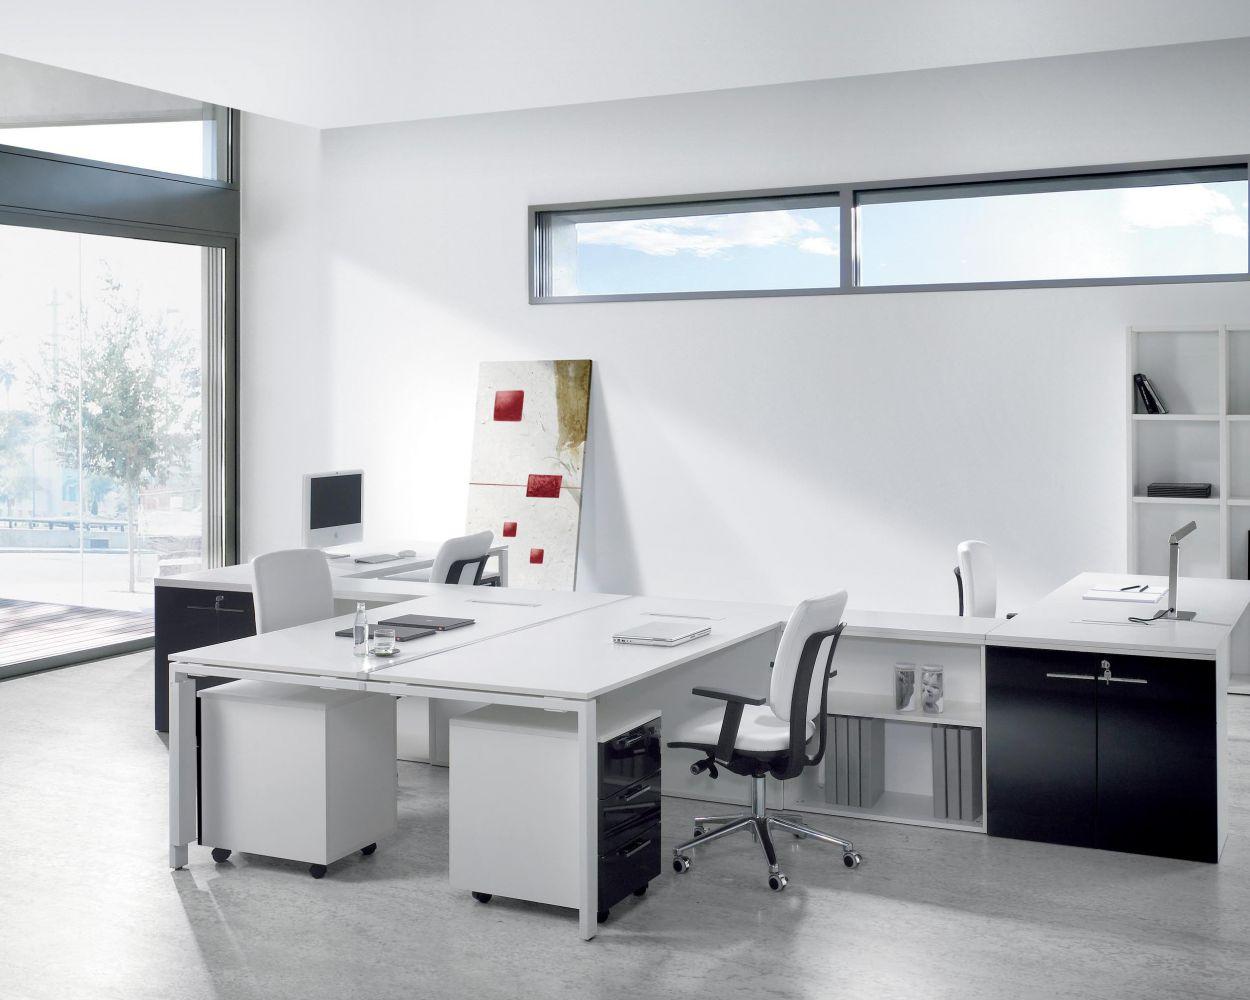 Mobilier de bureaux bureaux modulaires marseille - Meubles de bureau design ...